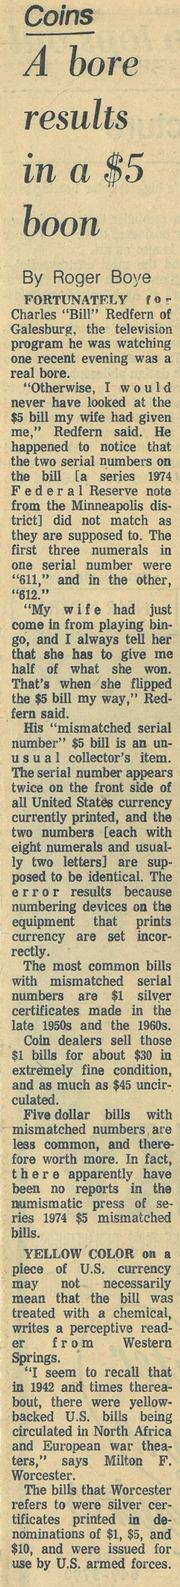 Chicago Tribune [1977-01-02]